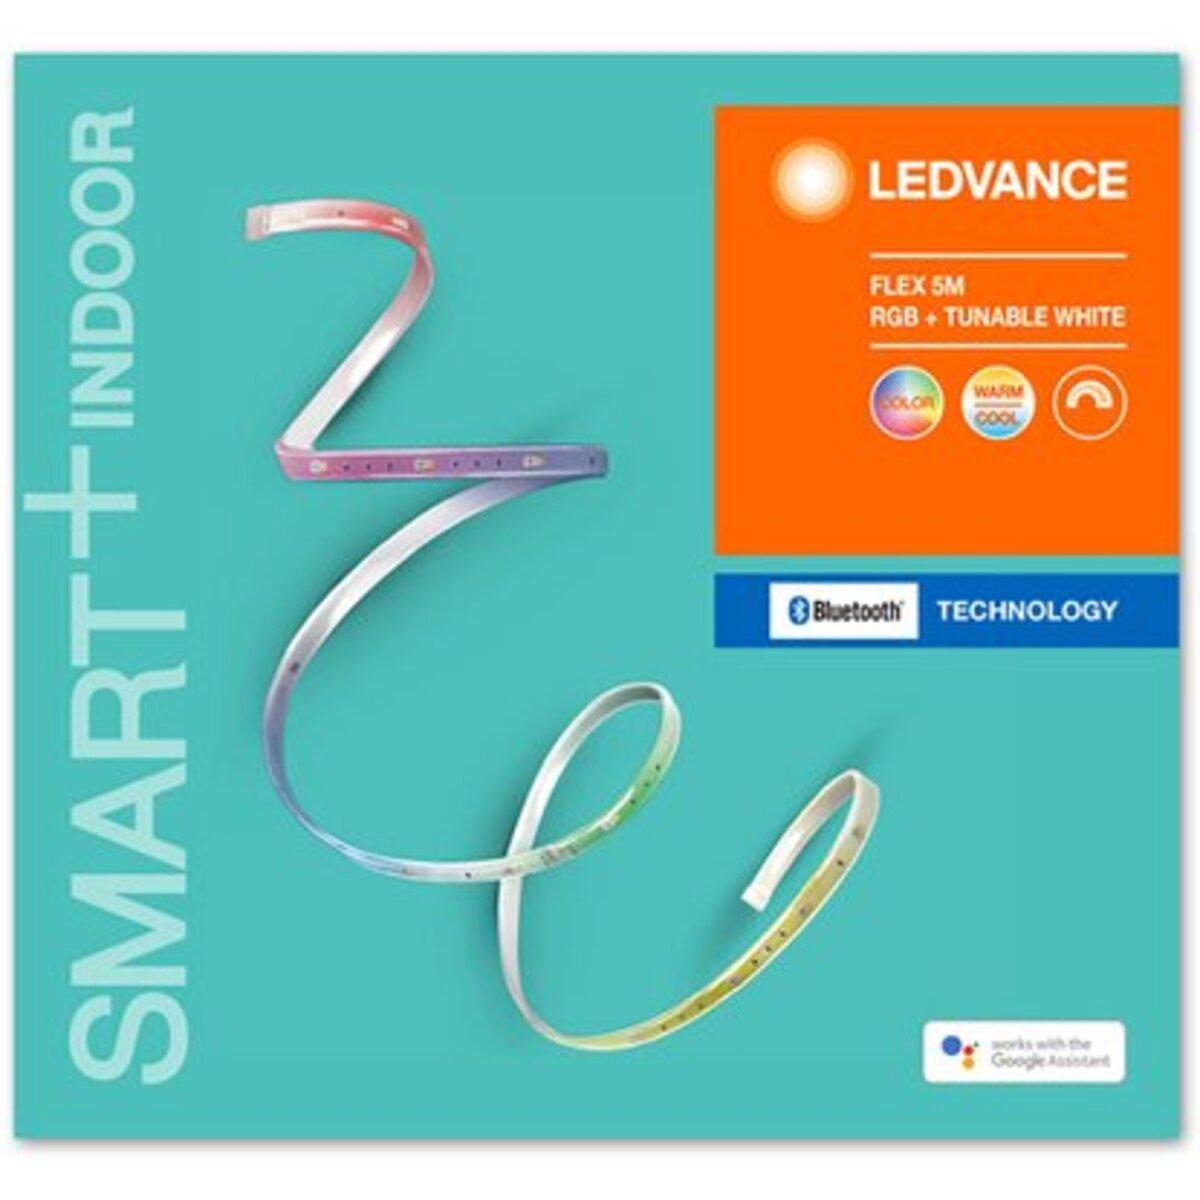 Bild 3 von Ledvance Smart+ Bluetooth Flexband für Innen 5 Meter 16 Mio. Farben Farbwechsel